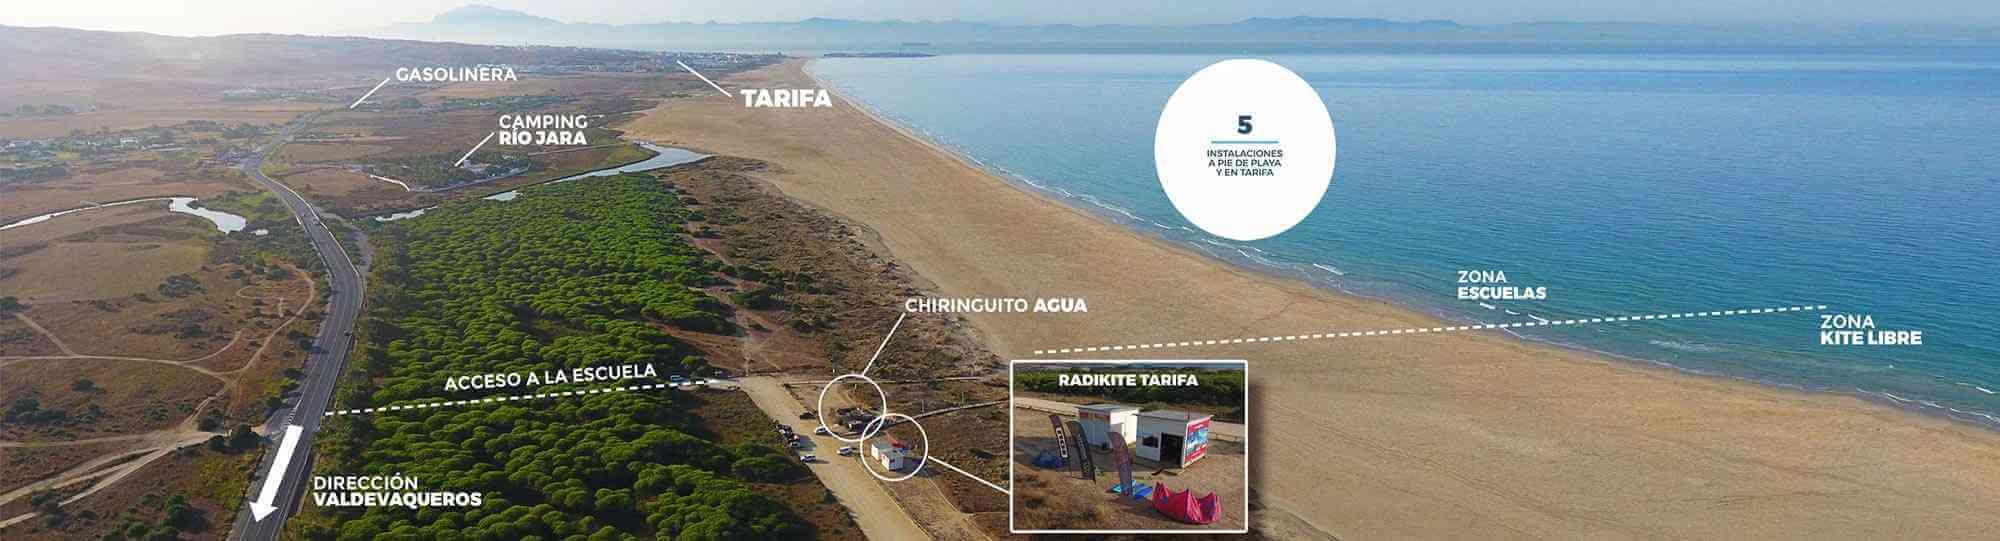 radikite-tarifa-mapa-es